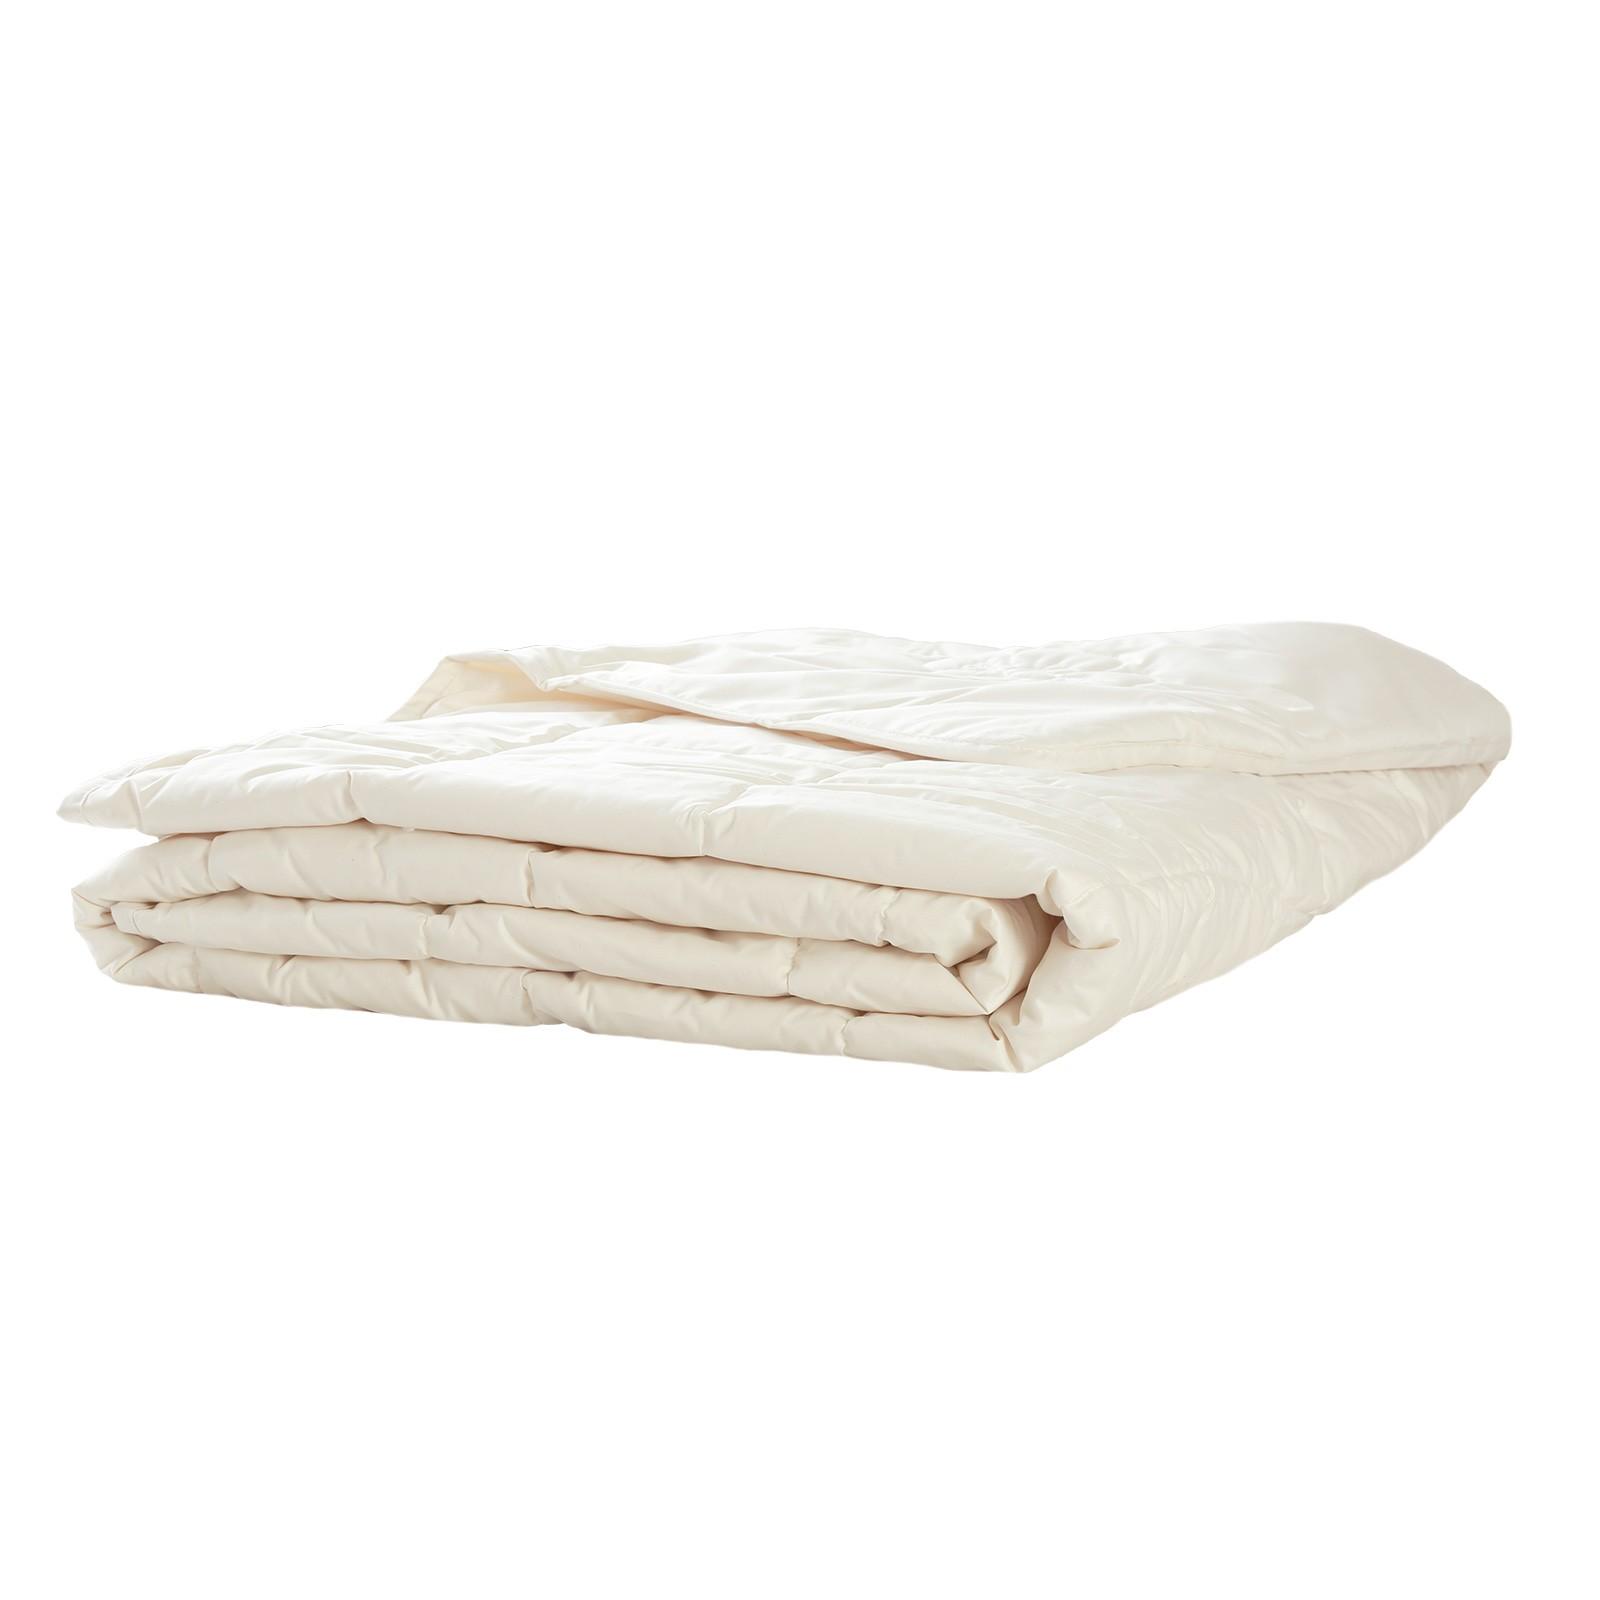 Leichte Sommer Bettdecke Baumwolle Leinen kühlt angenehm